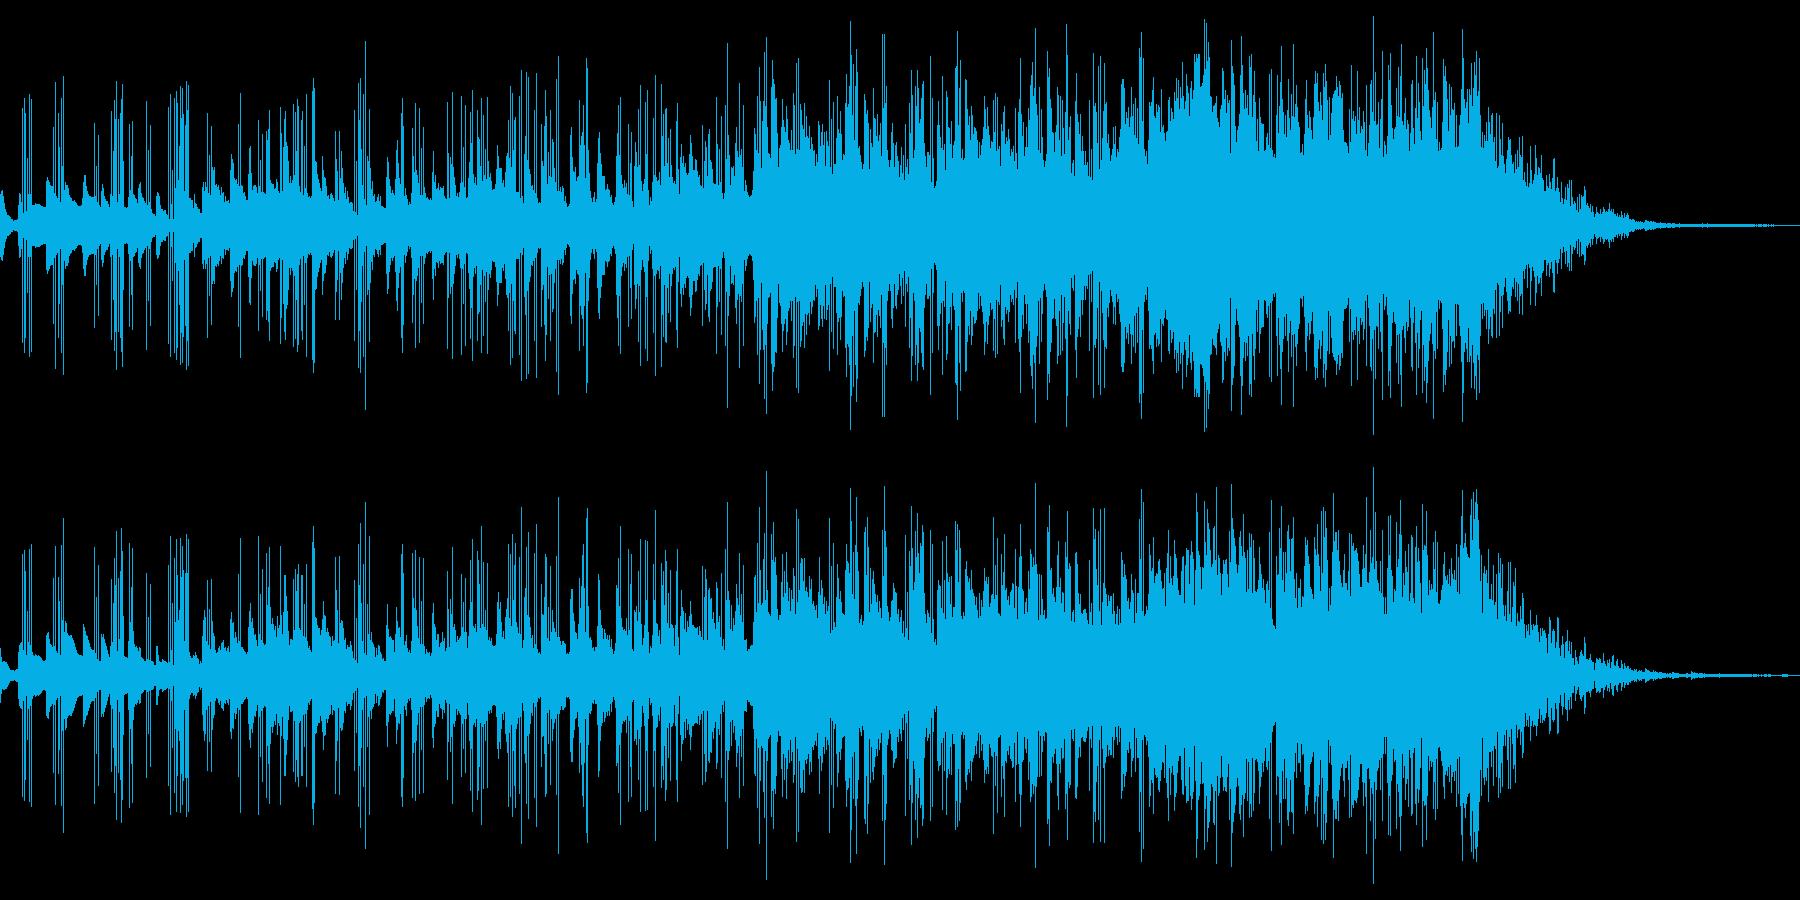 マリンバの幻想的で新しいオープニングの再生済みの波形